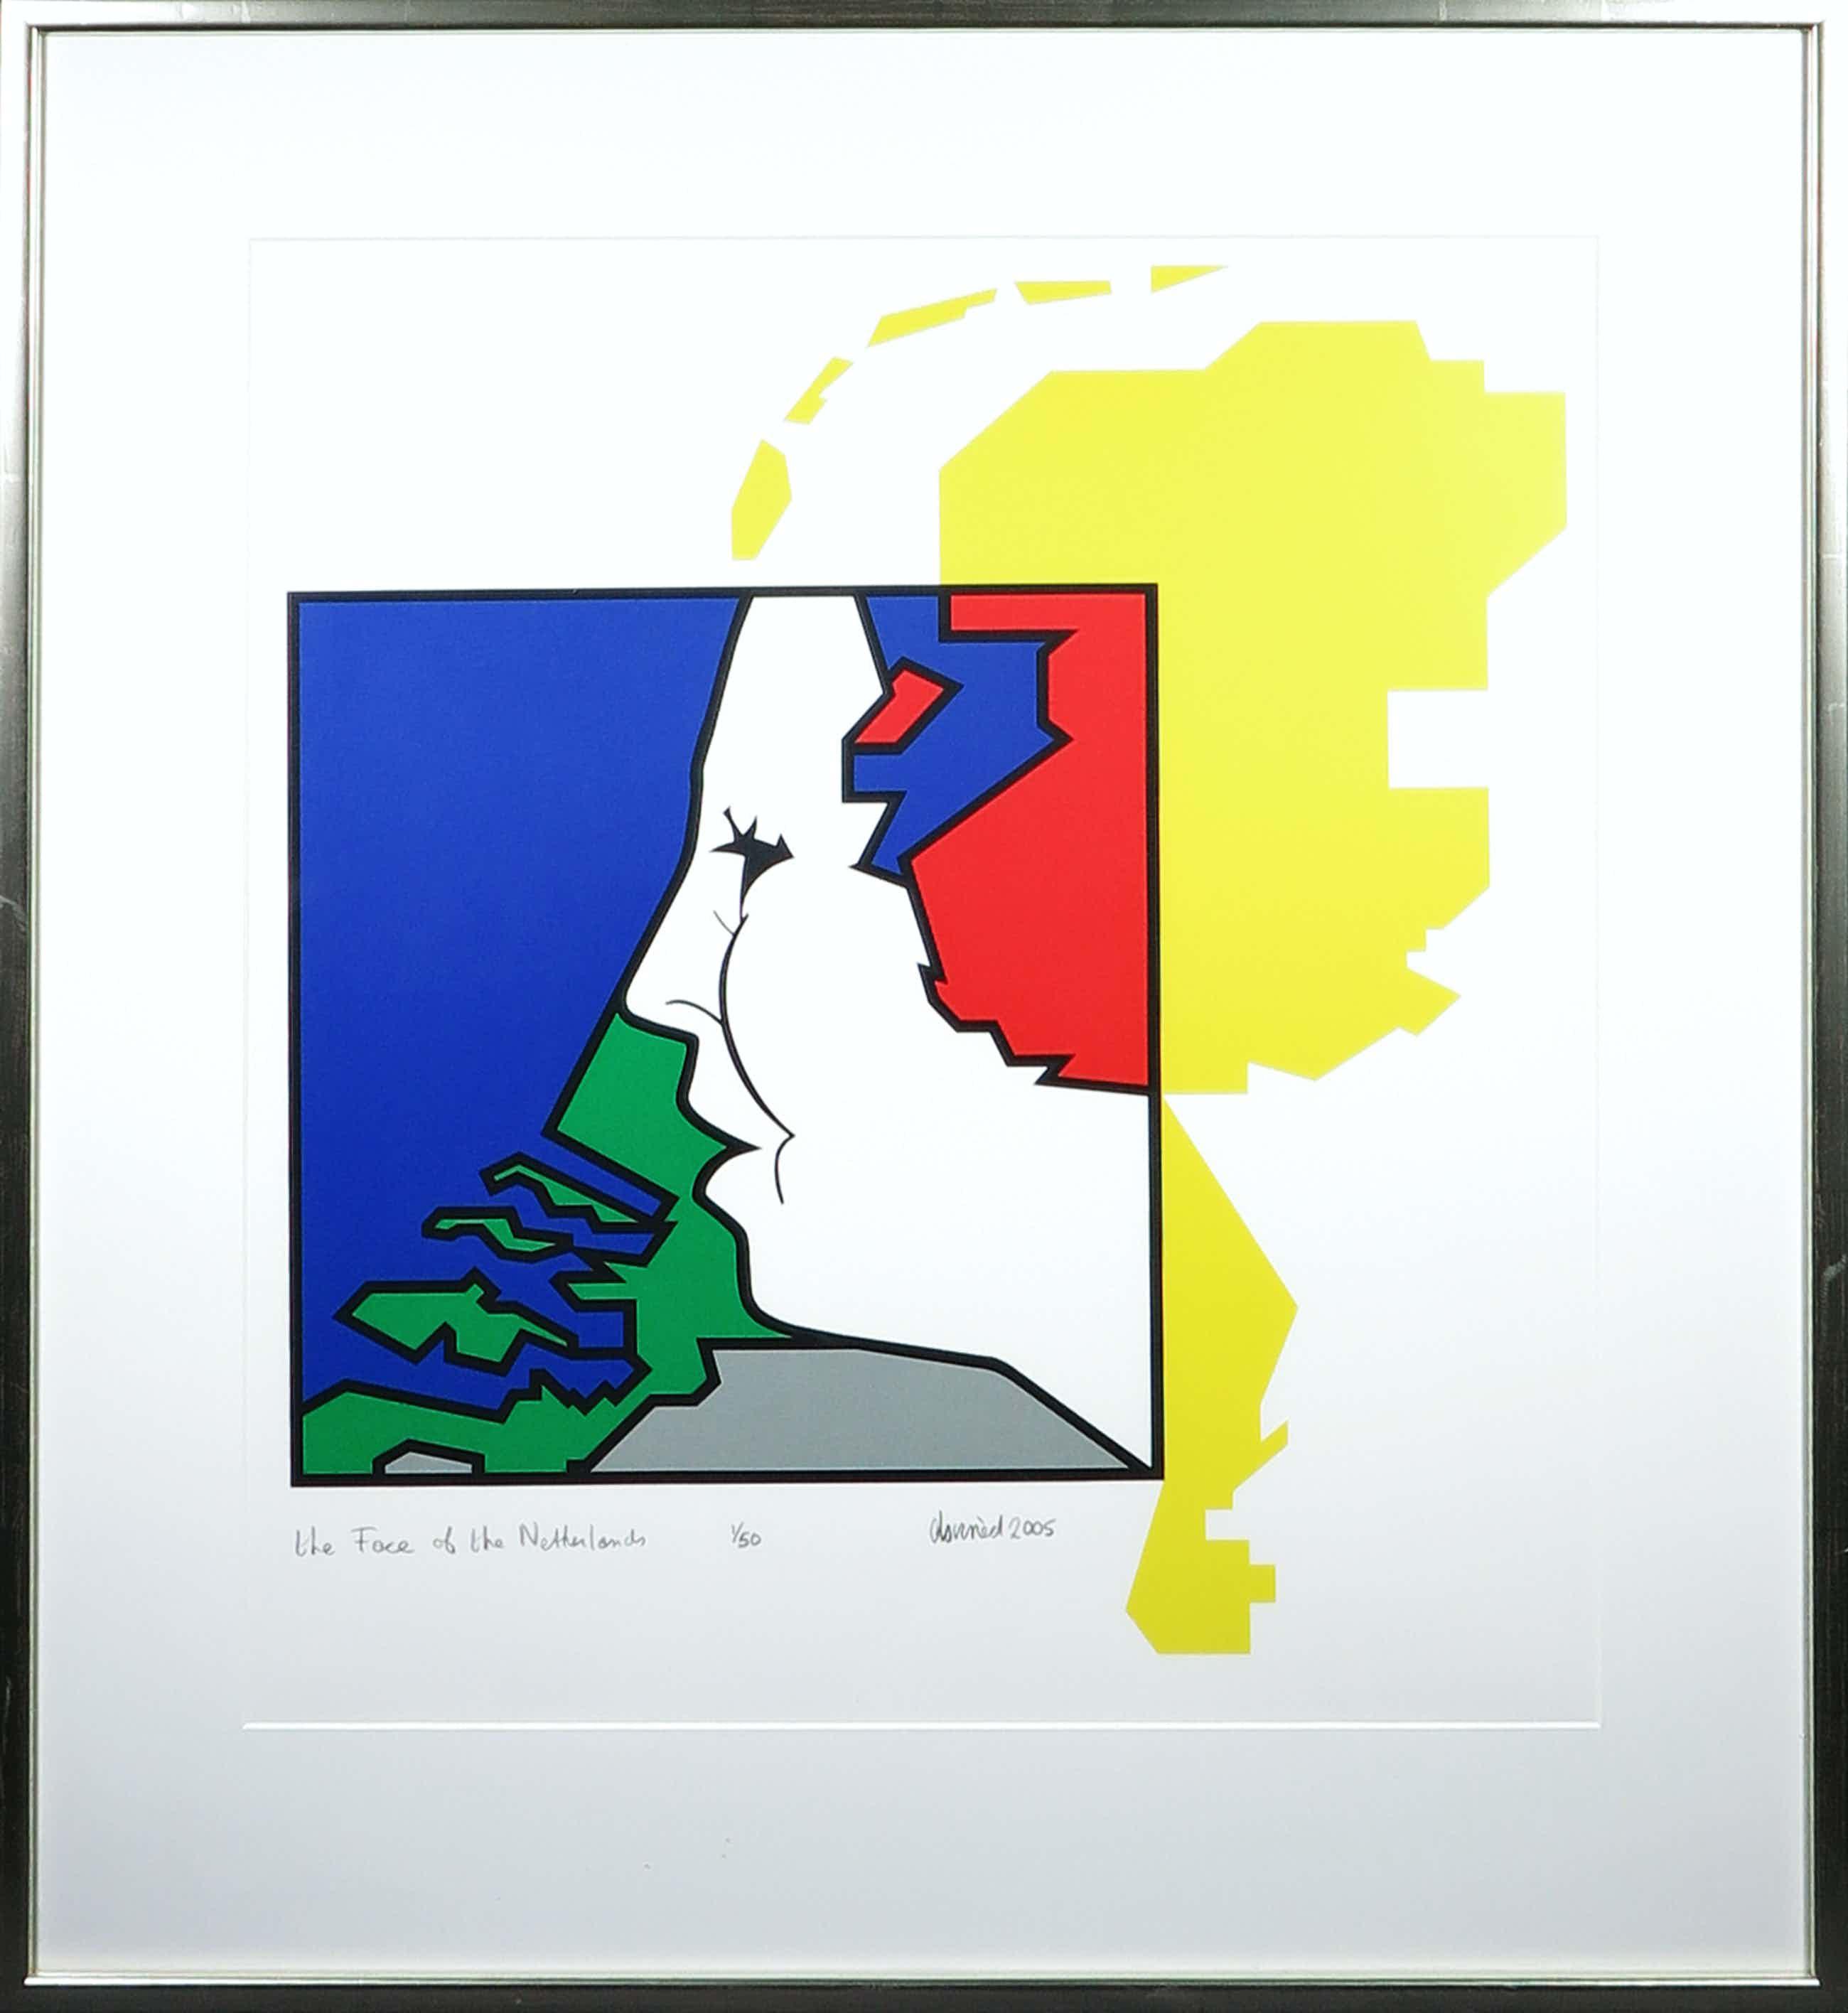 Ed van Doorn - Zeefdruk, The face of the Netherlands - Ingelijst kopen? Bied vanaf 40!